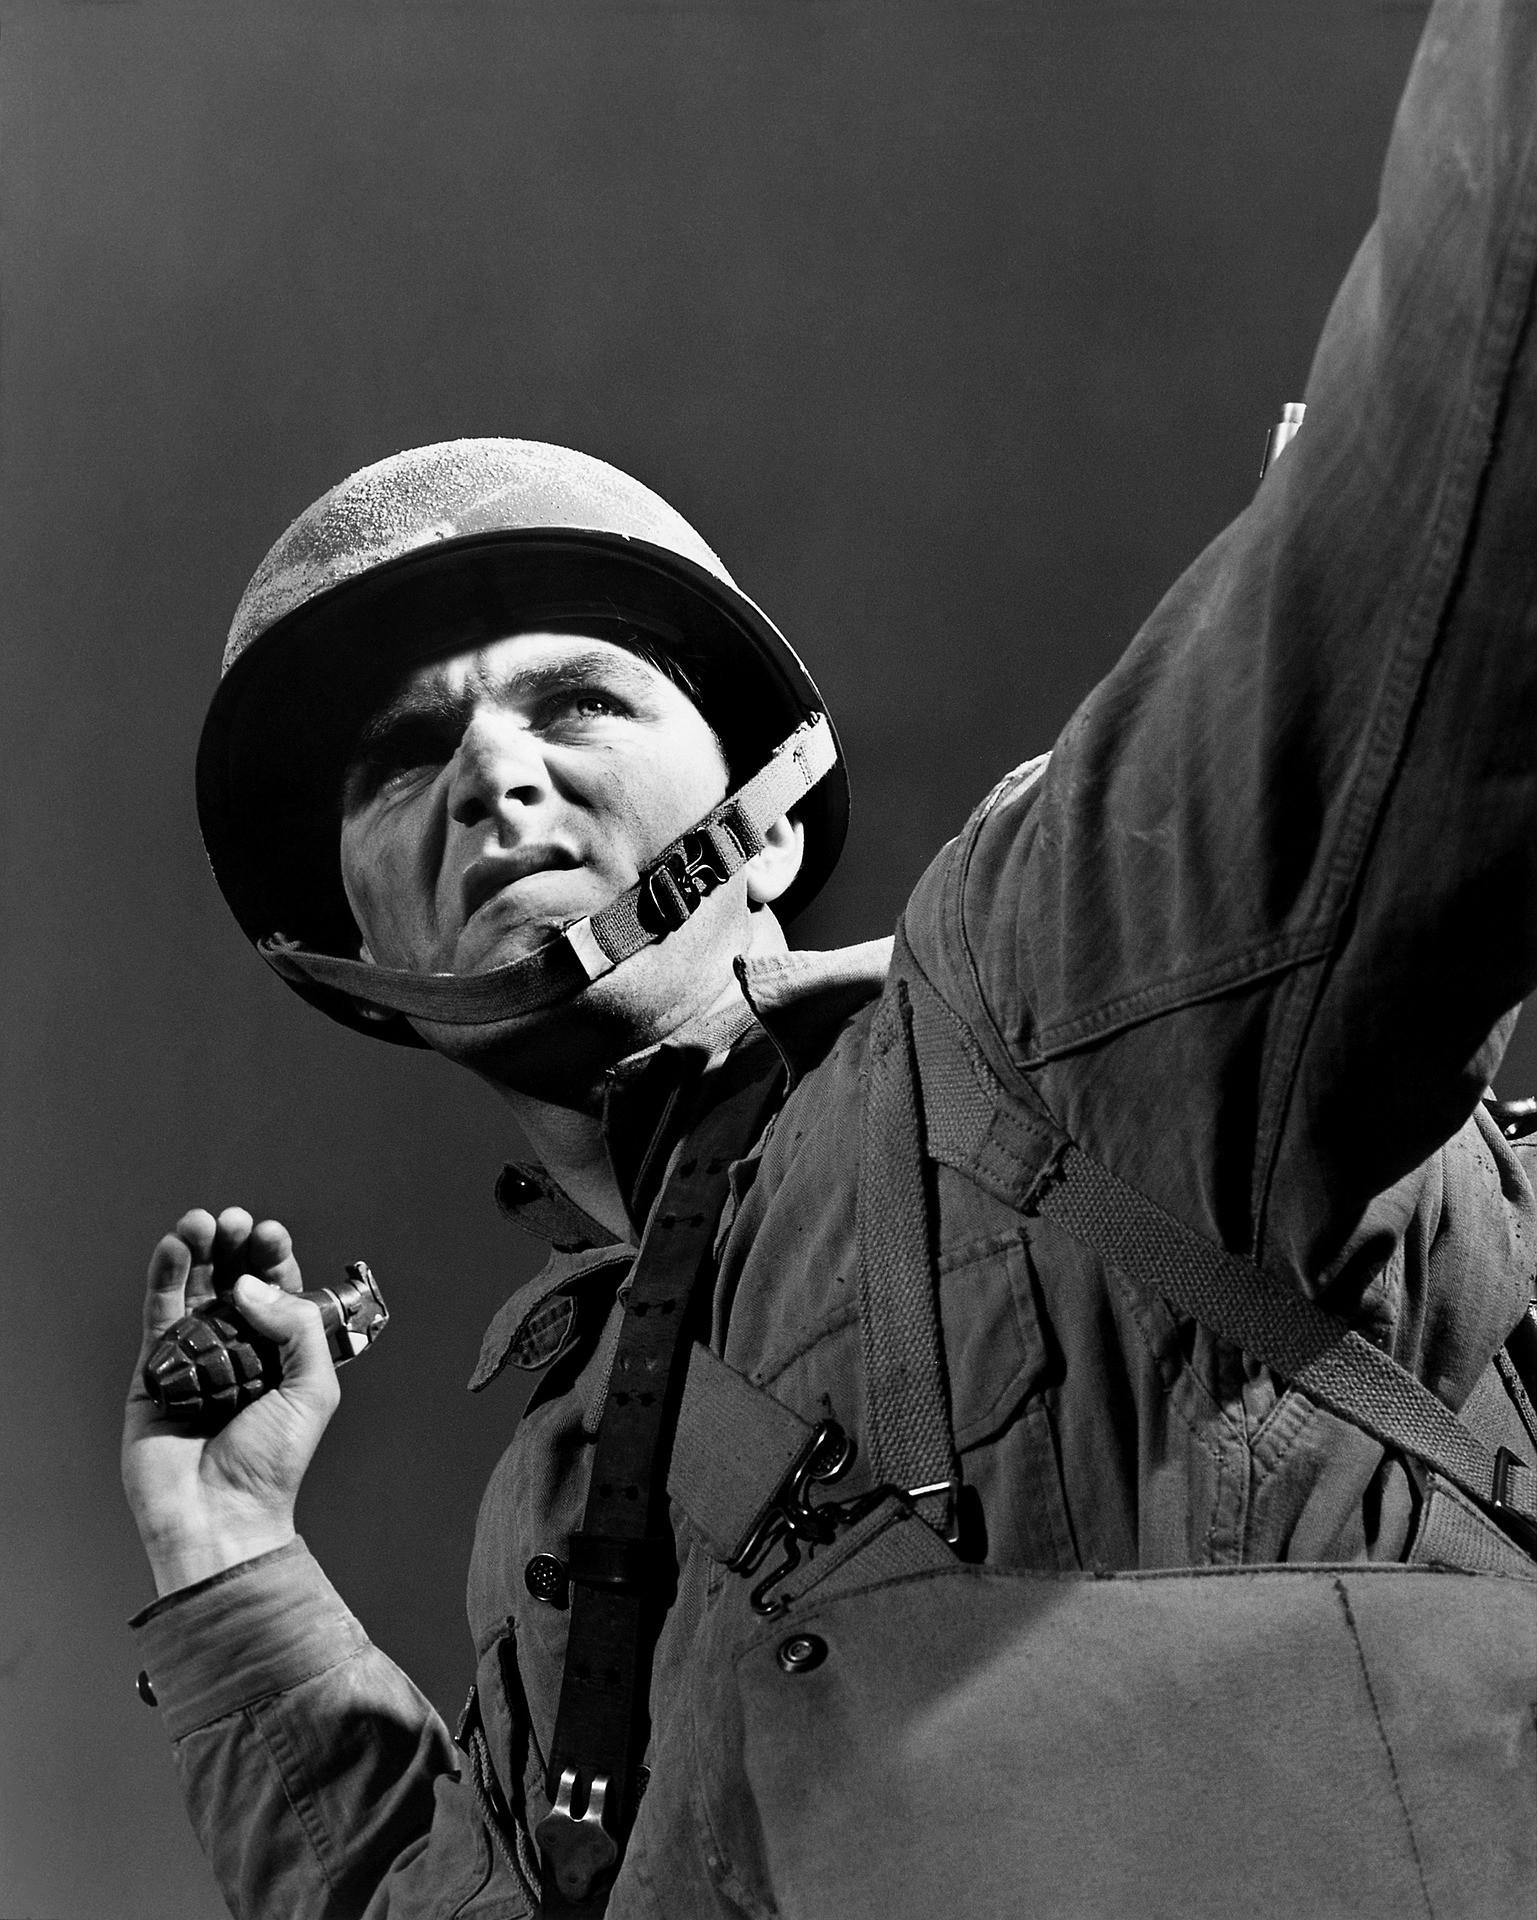 ▲手榴彈,軍人。(圖/取自免費圖庫Pixabay)